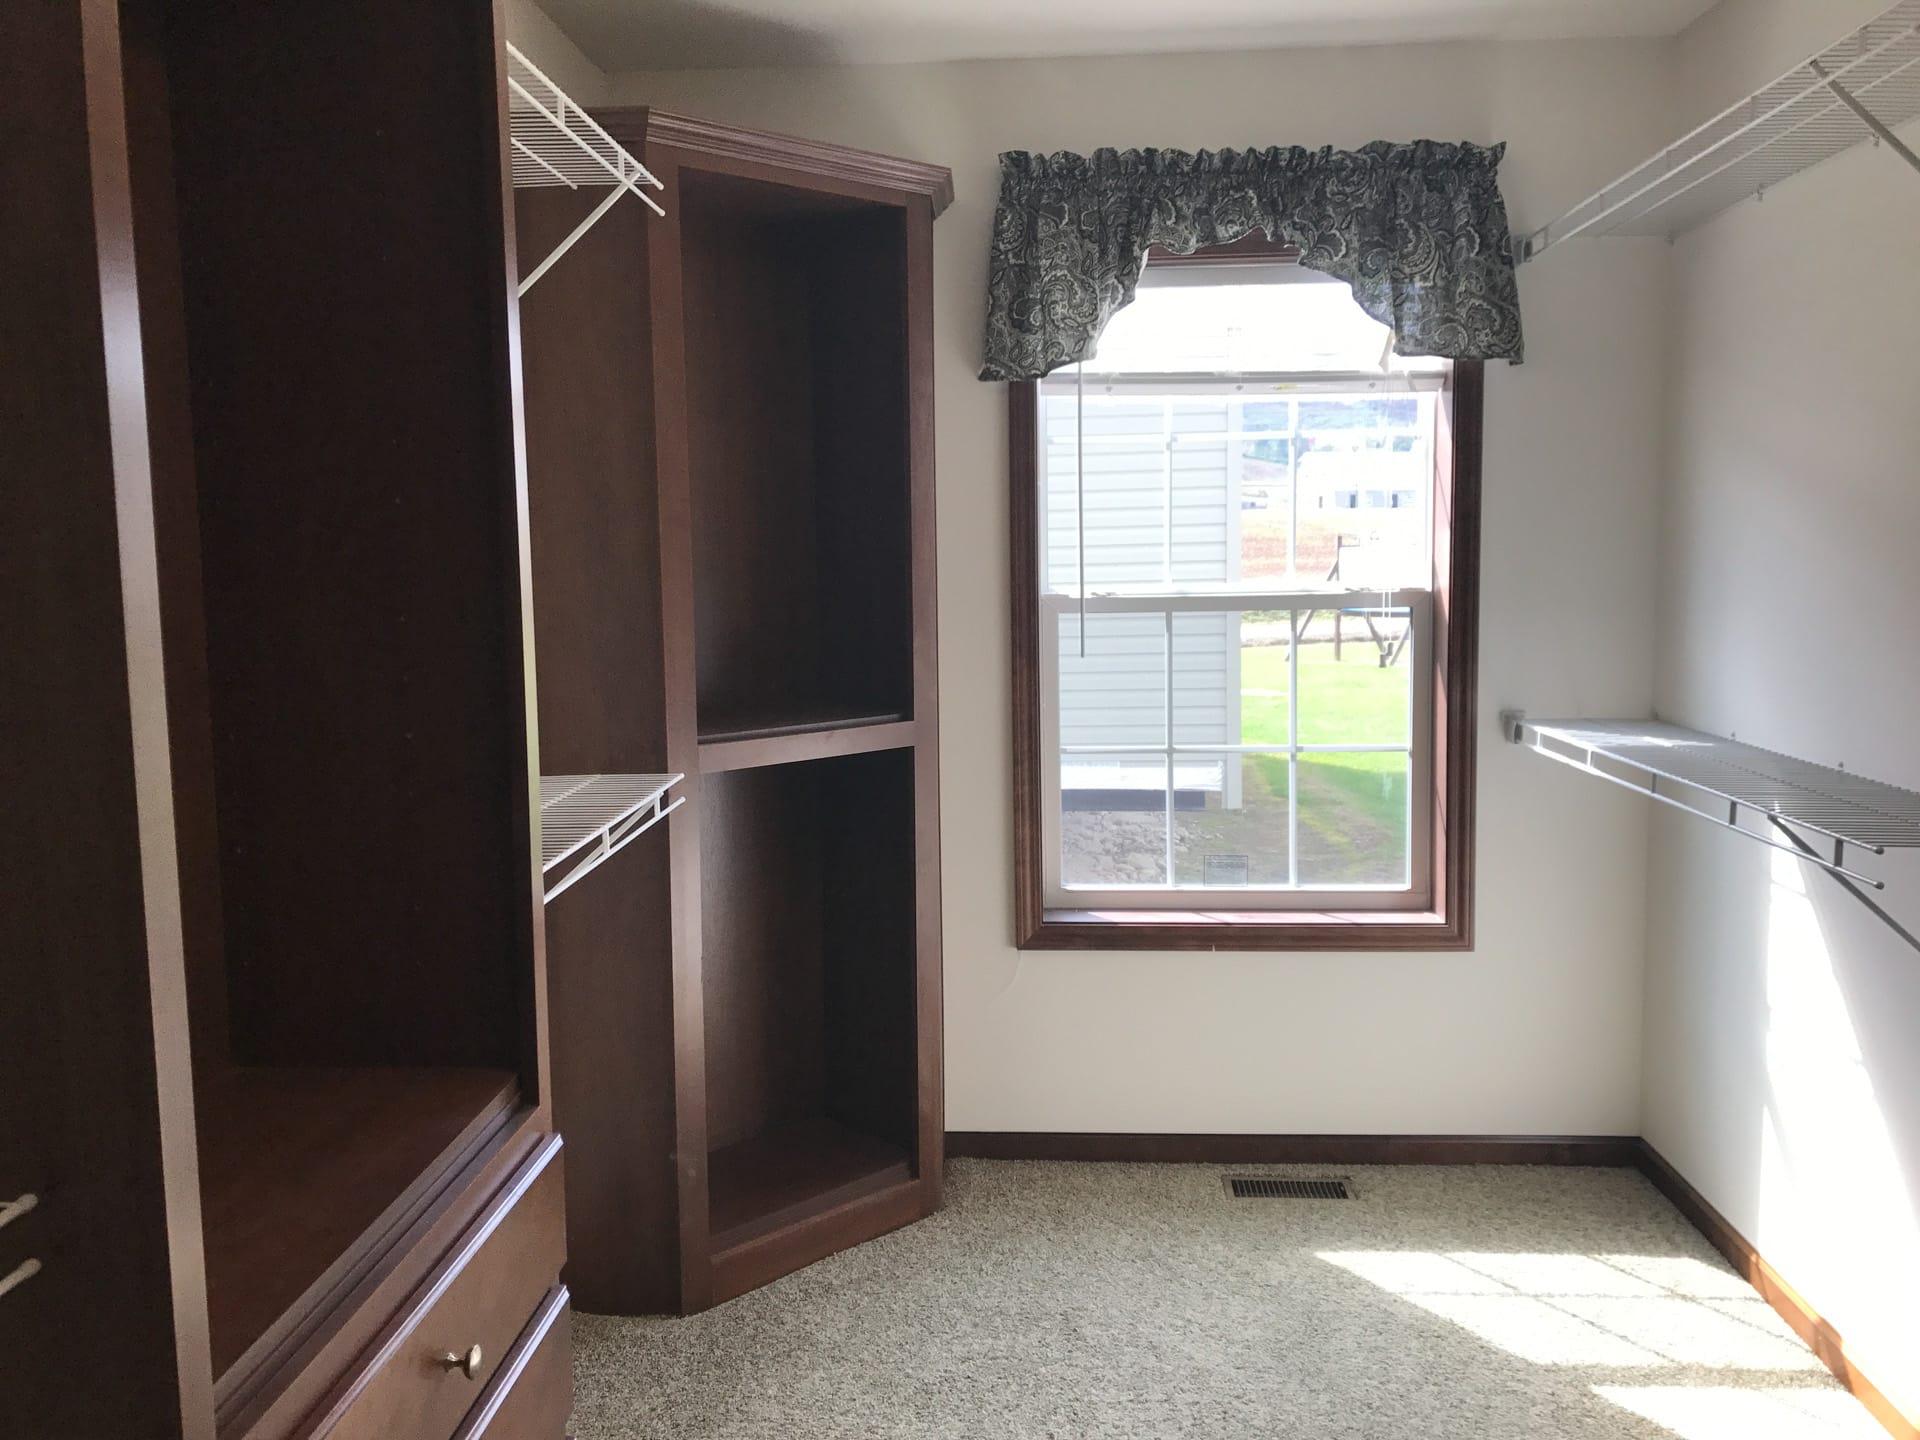 Princeton large walk-in closet